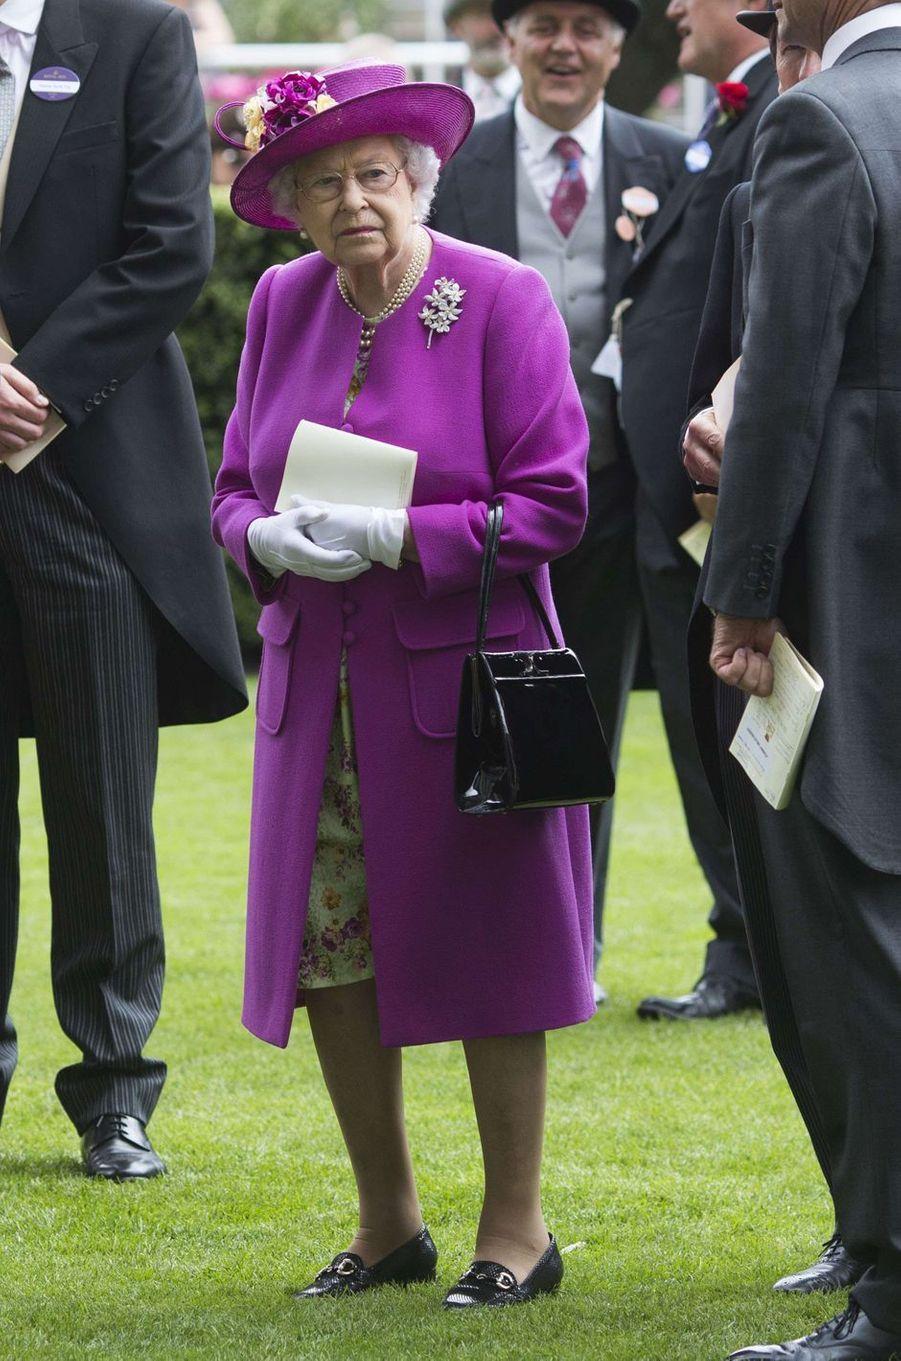 La reine Elizabeth II au Royal Ascot, le 24 juin 2017